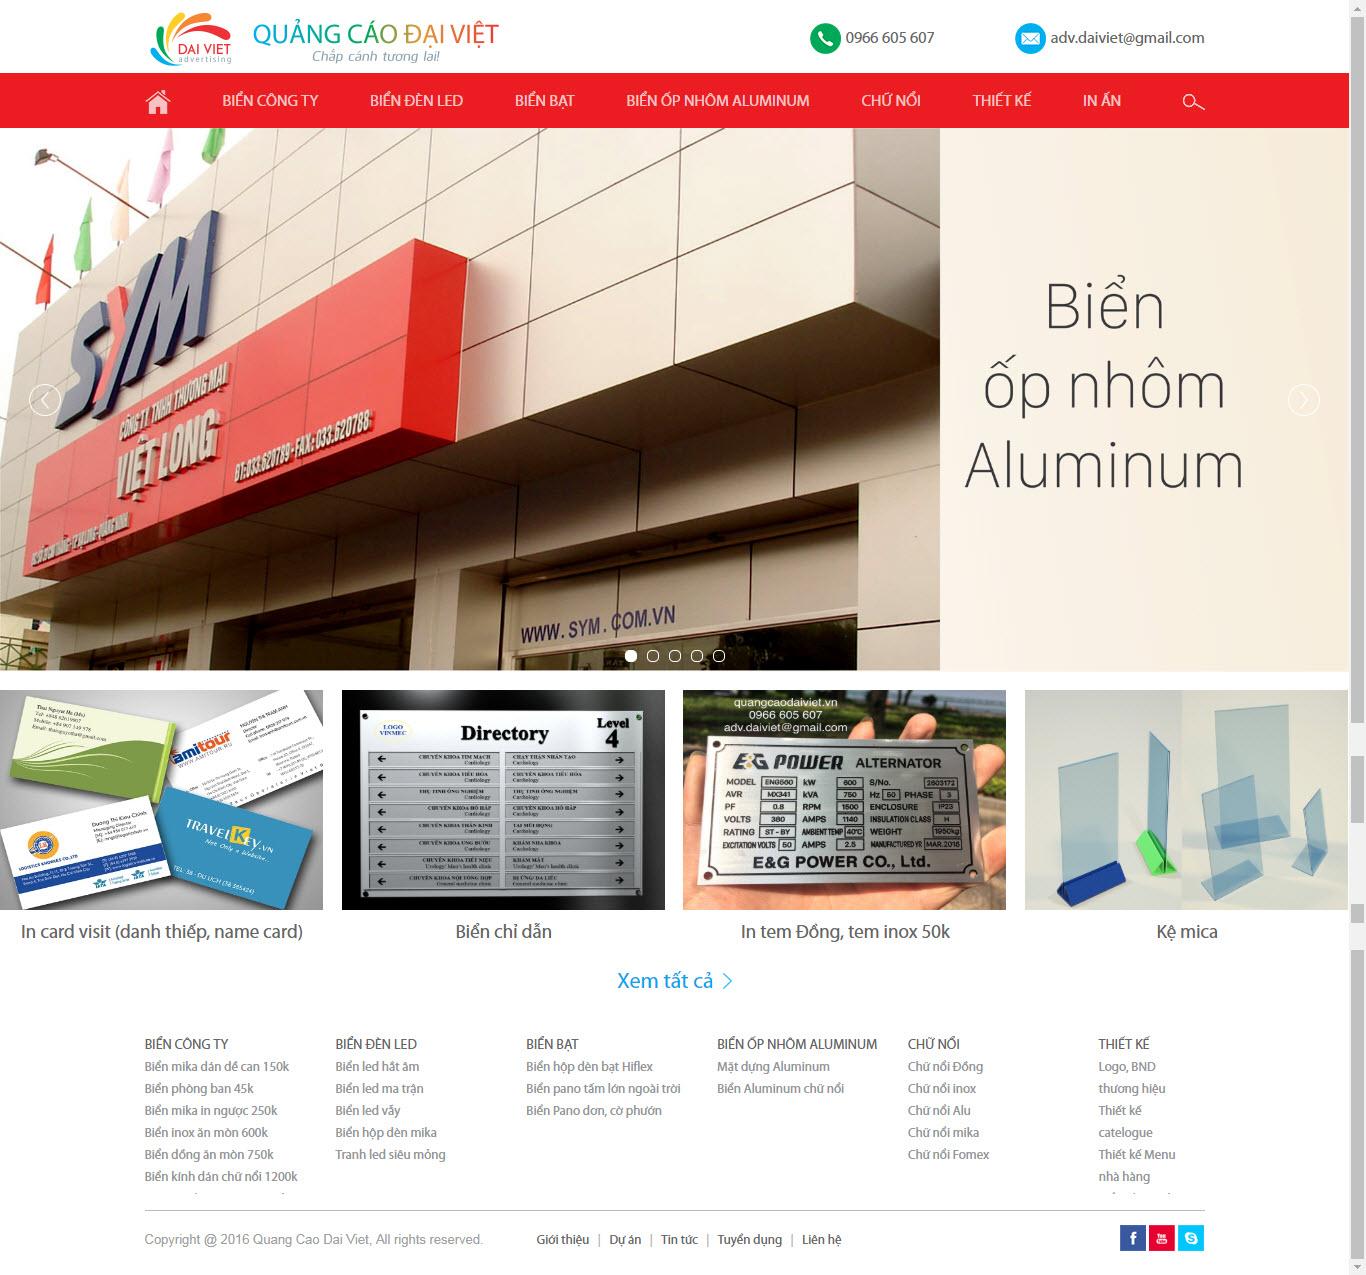 Thiết kế Mẫu website biển quảng cáo 02